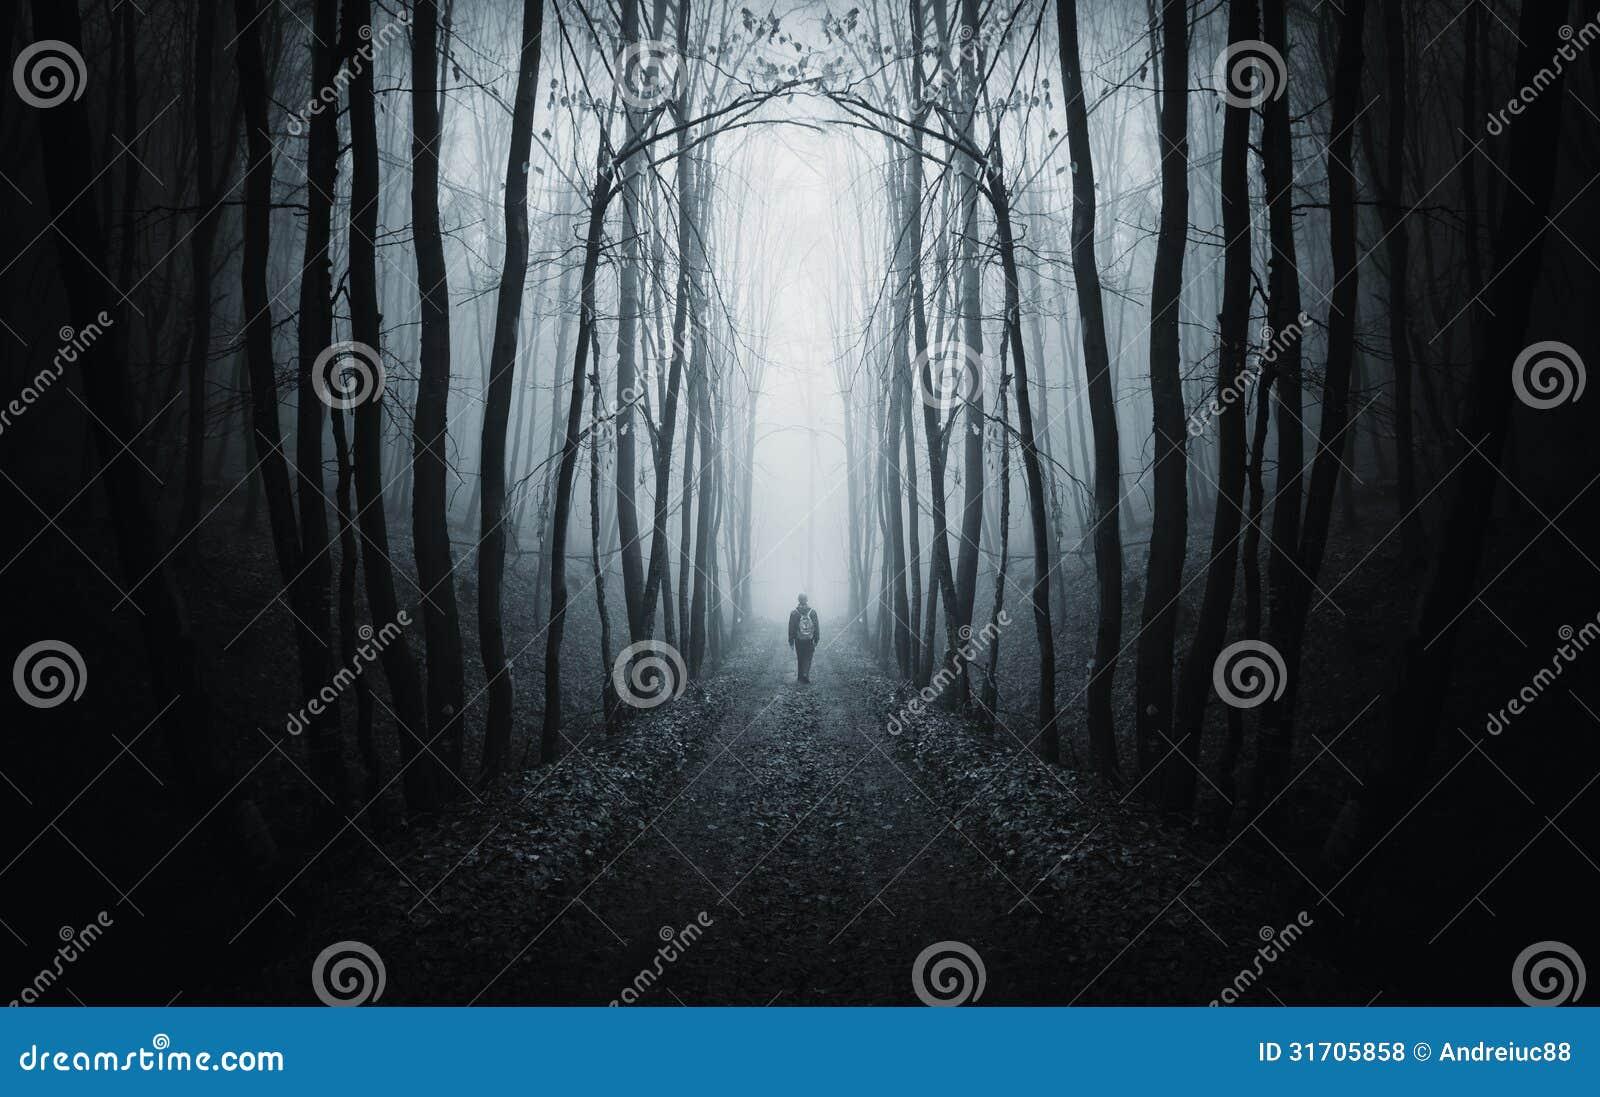 Mens die op een donkere weg in een vreemd donker bos met mist lopen